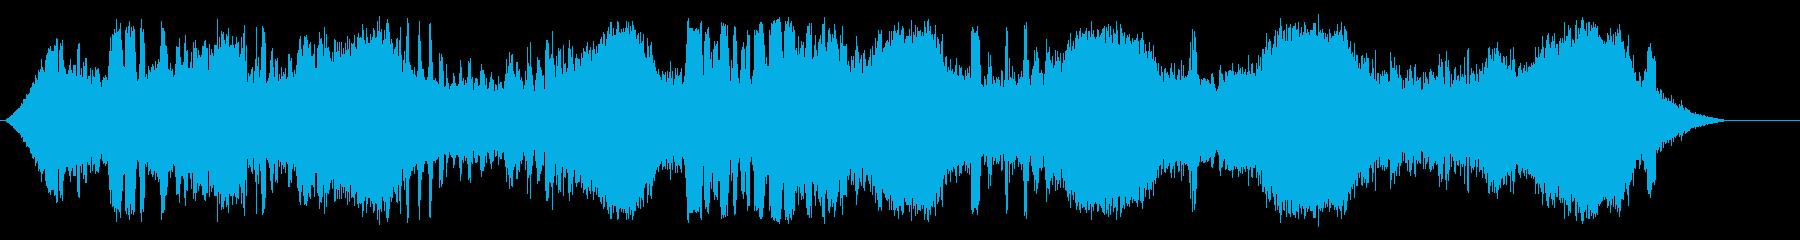 ビッグウェーブビーチの再生済みの波形